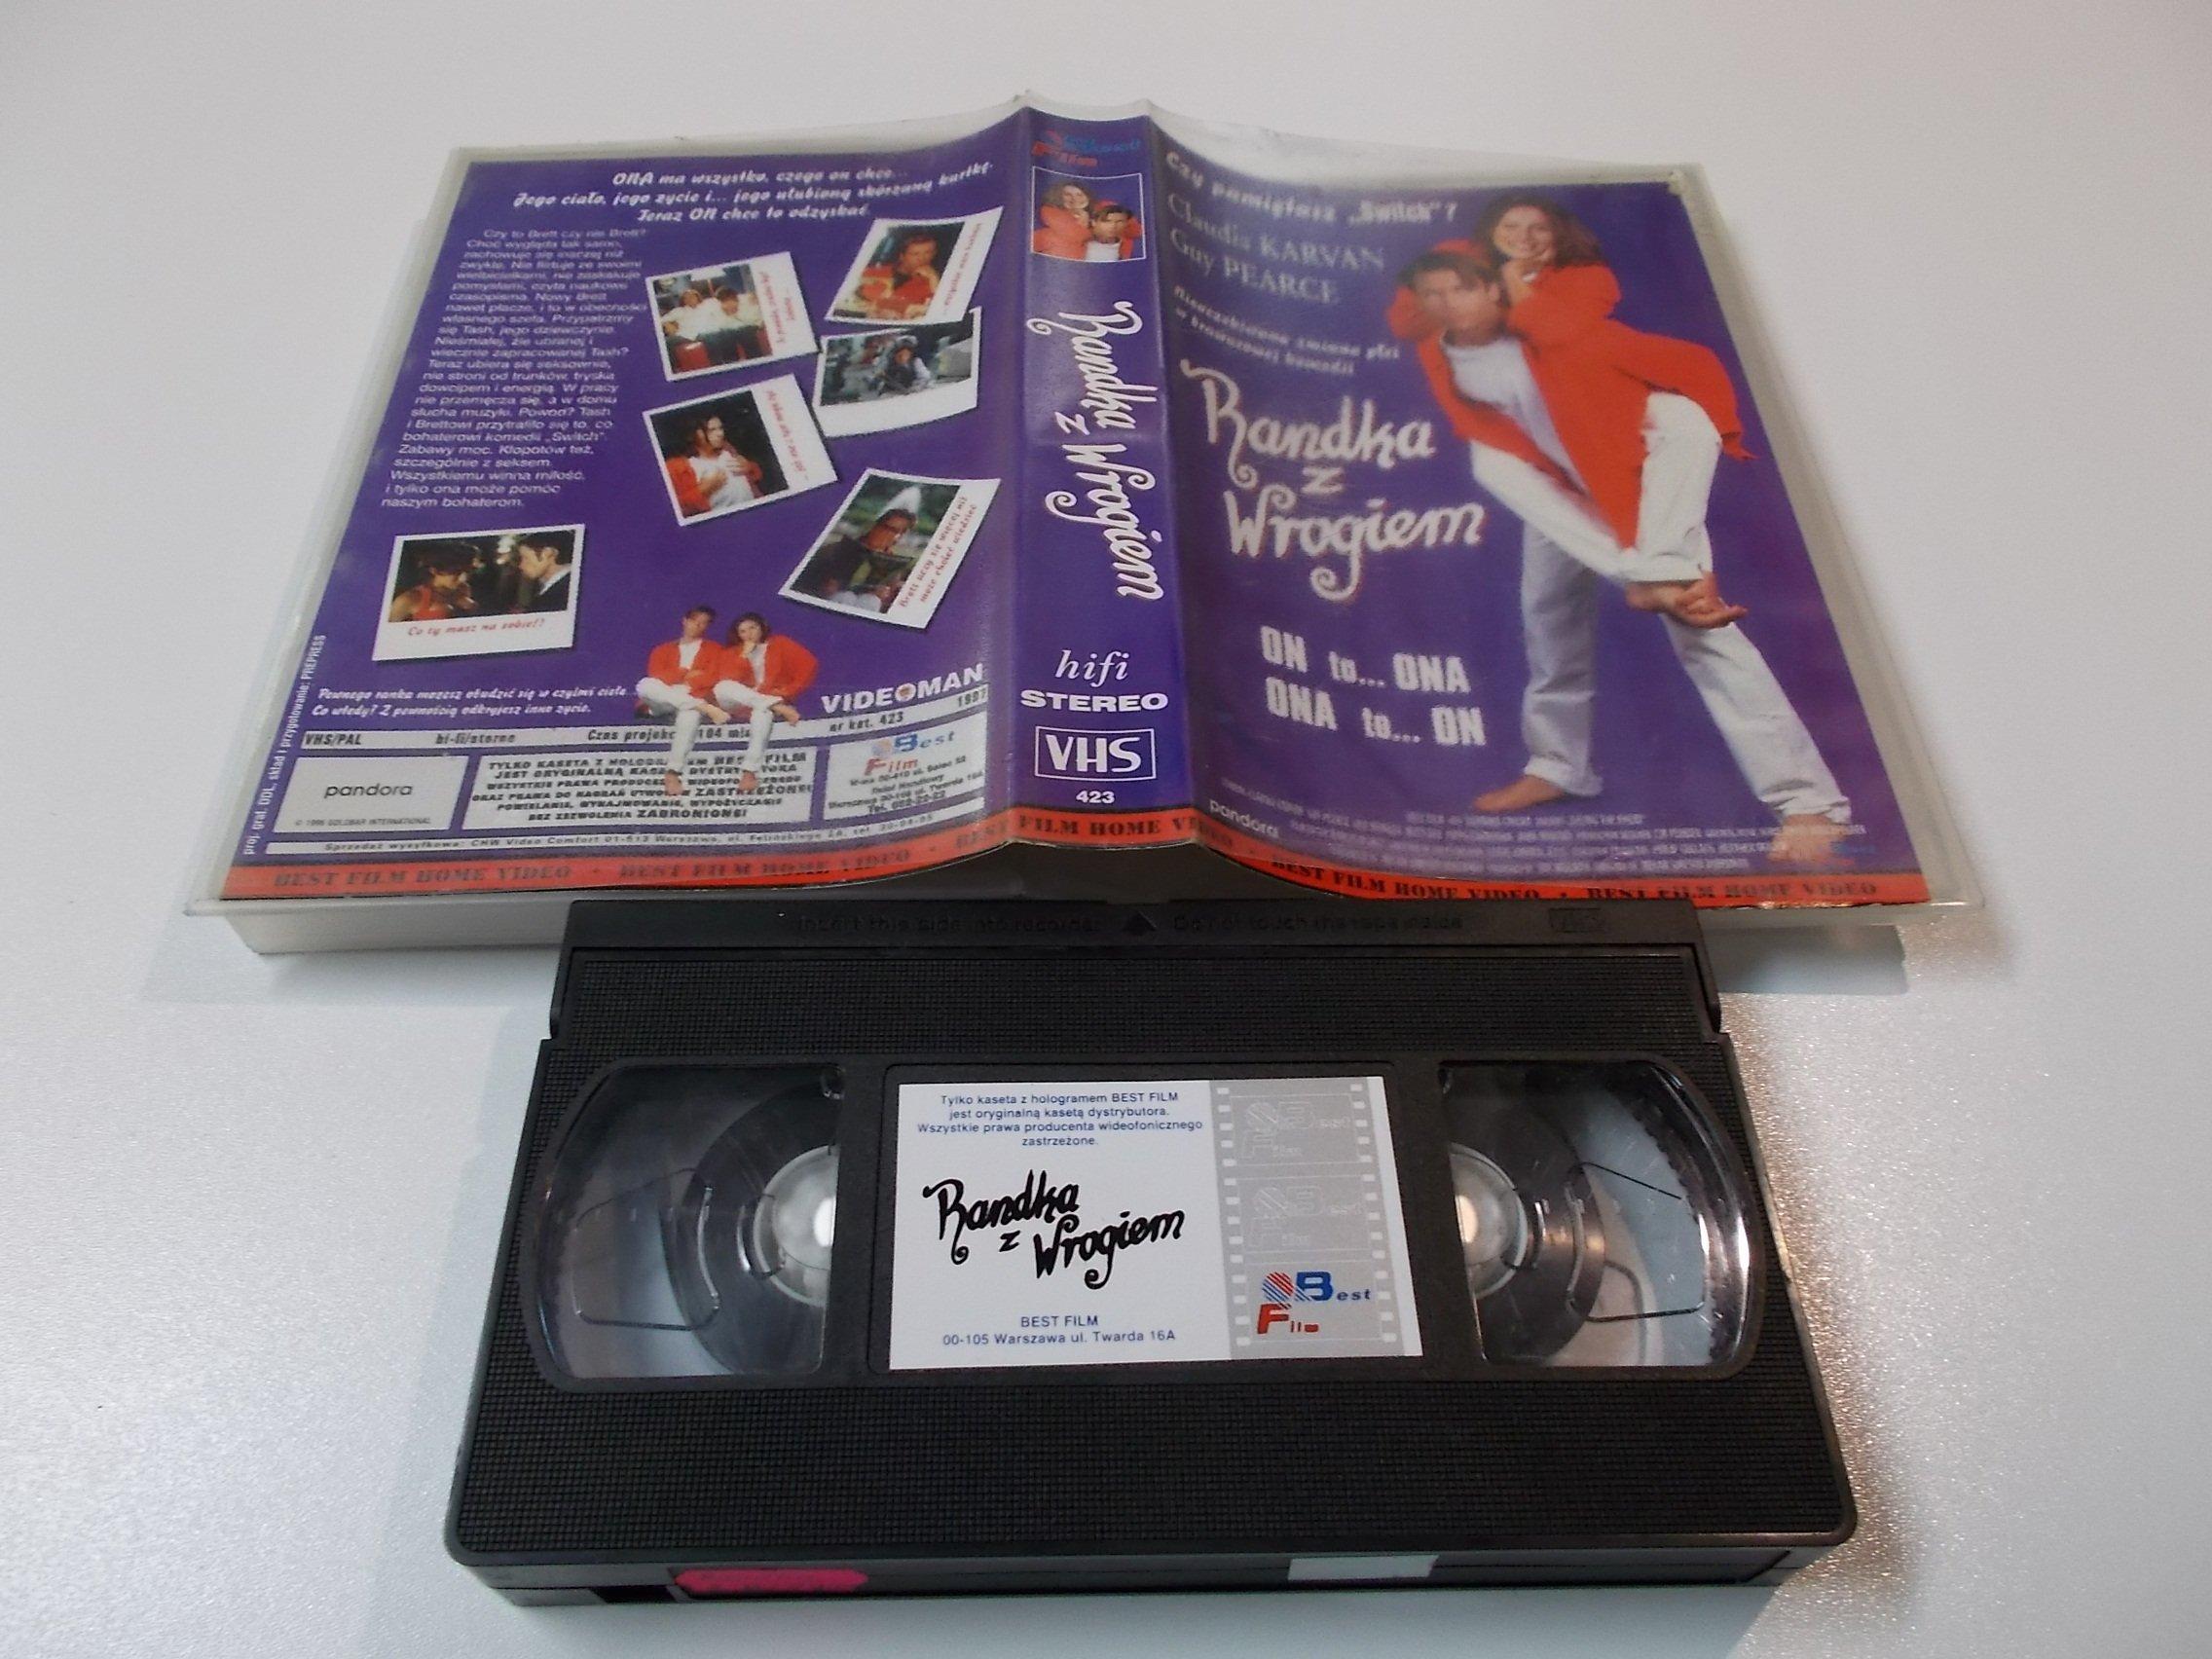 RANDKA Z WROGIEM - kaseta Video VHS - 1424 Sklep